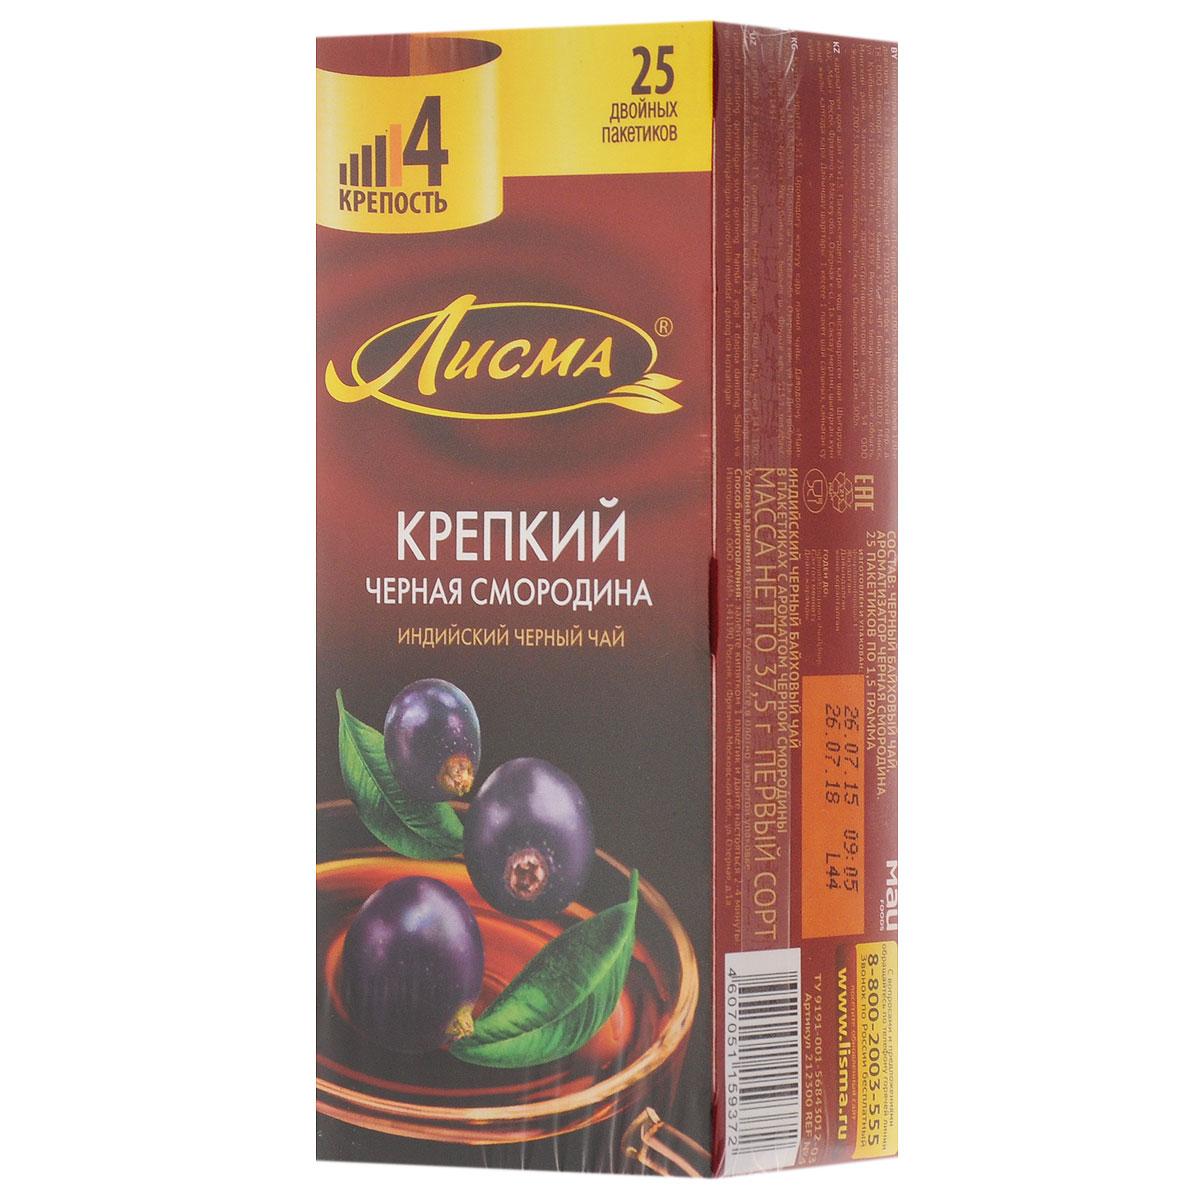 Лисма Крепкий Черная смородина черный чай в пакетиках, 25 шт